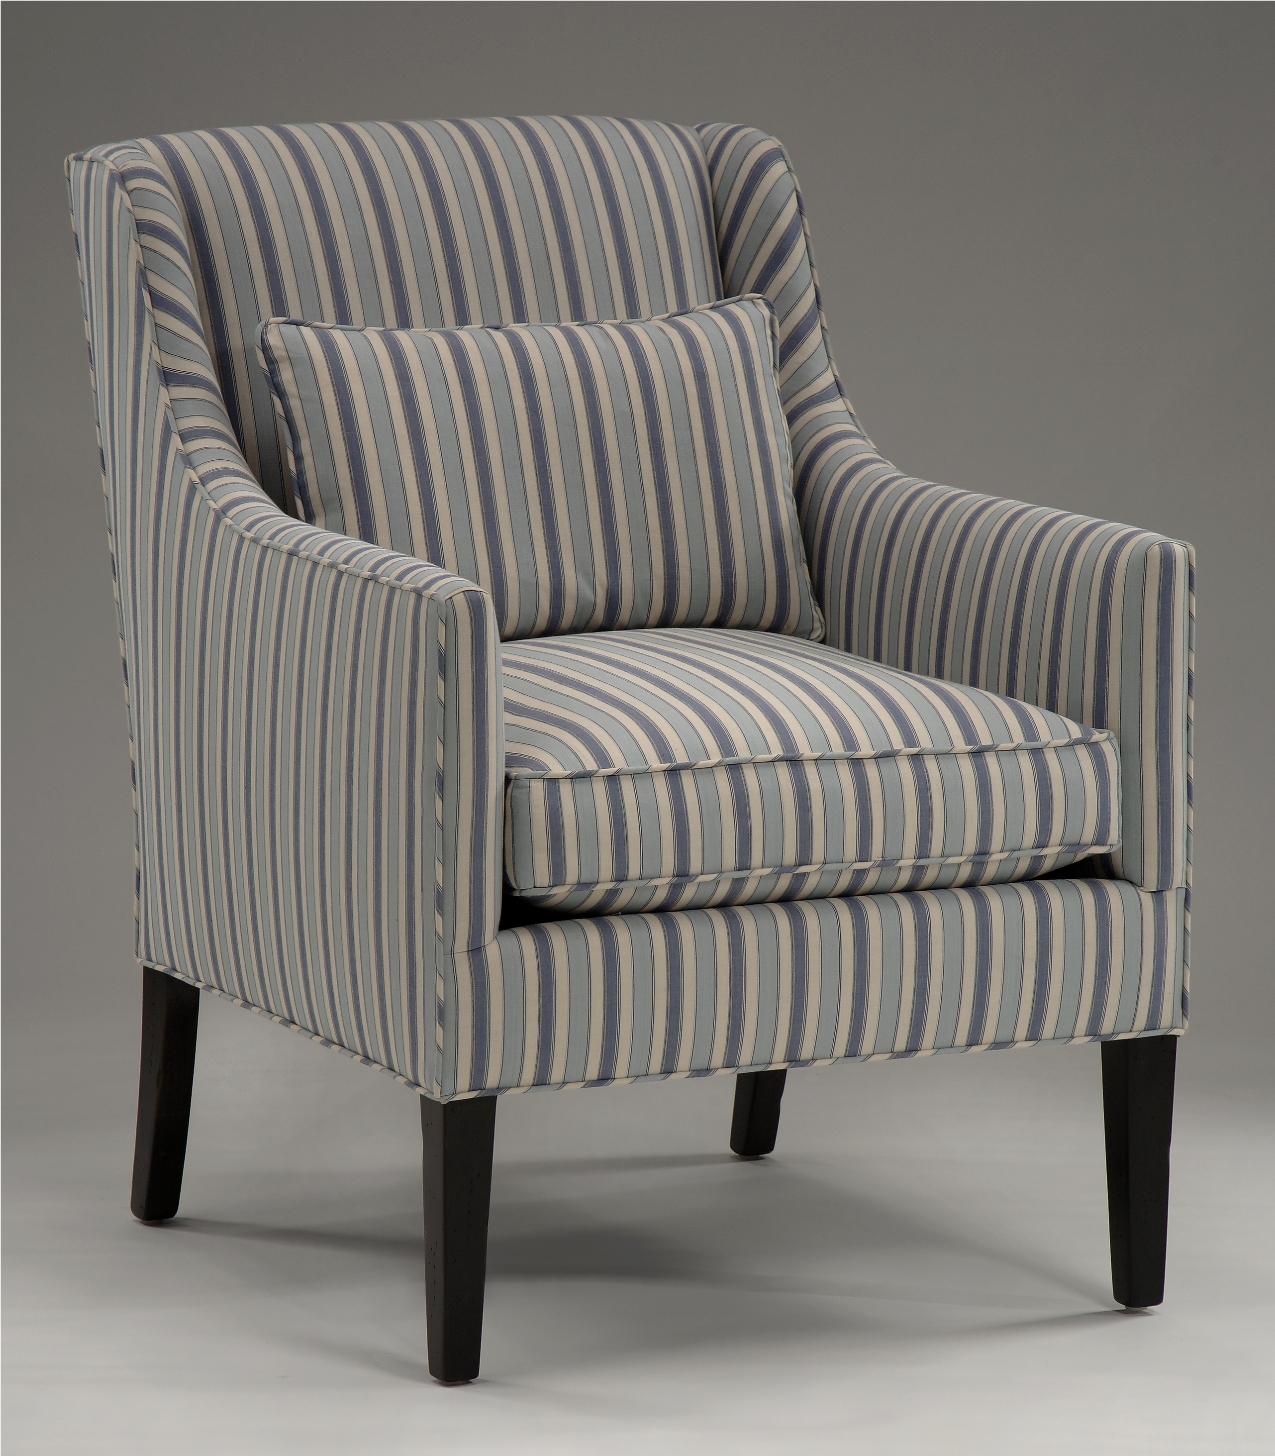 611 chair